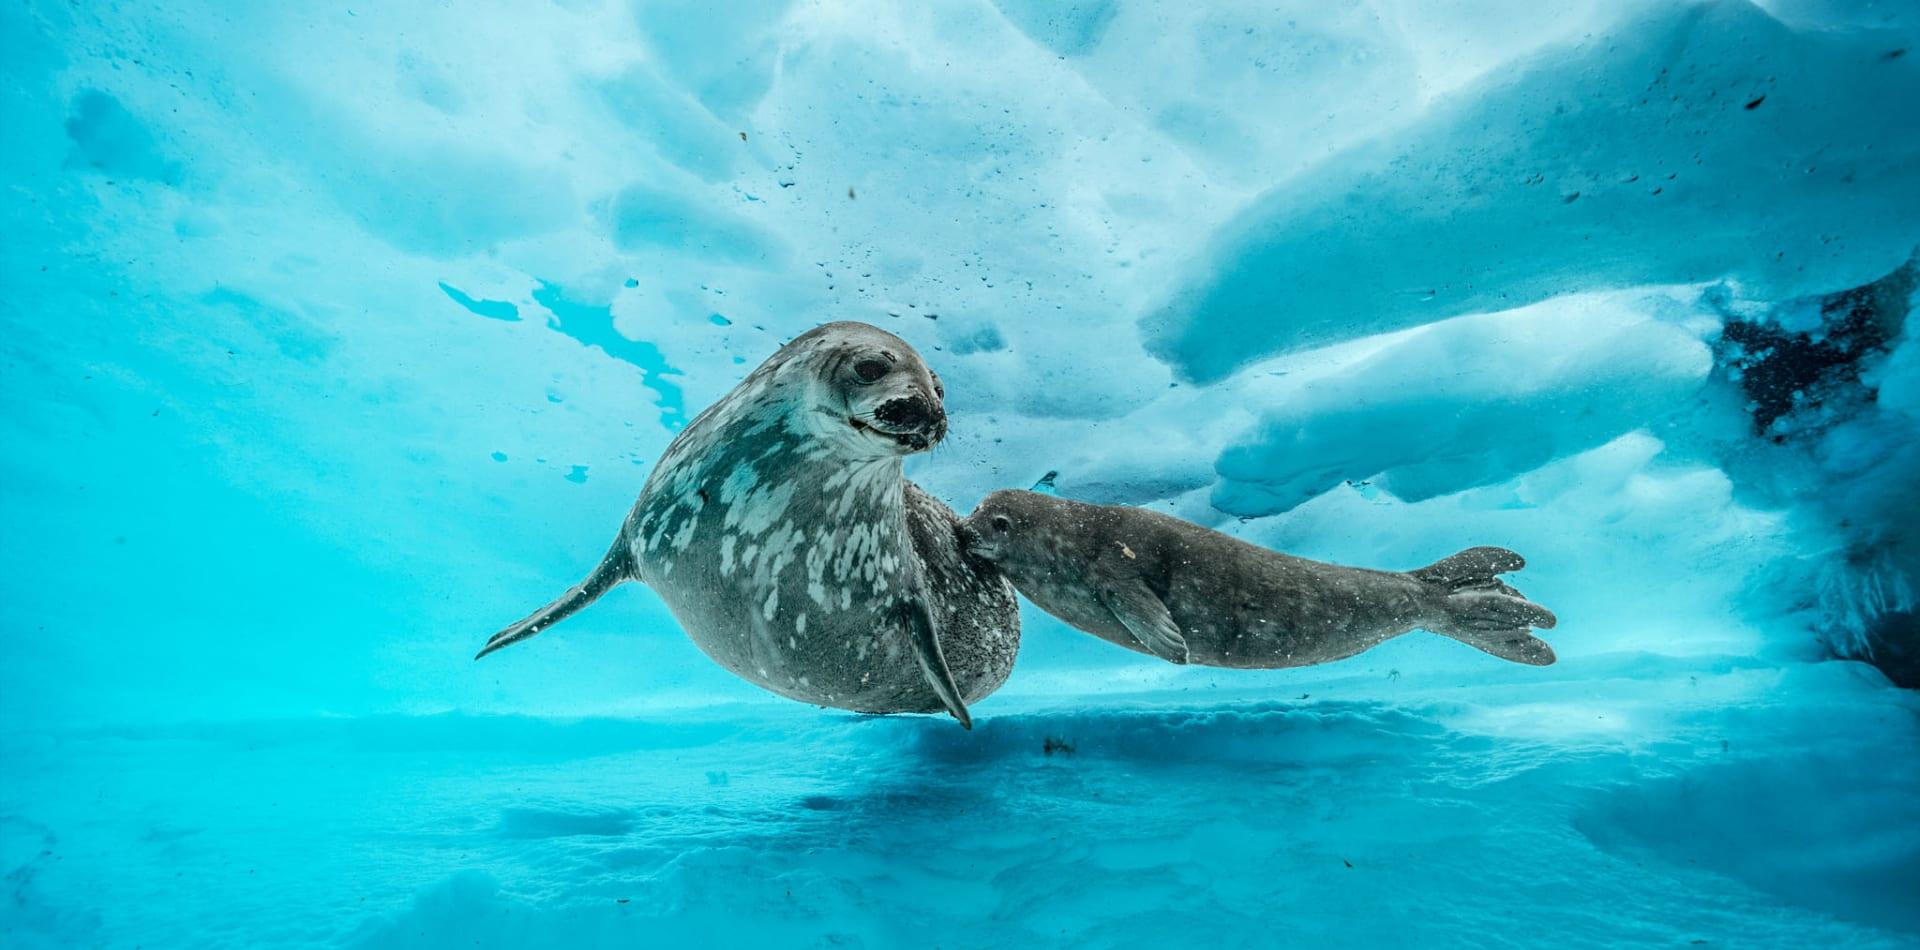 antarctica seals underwater